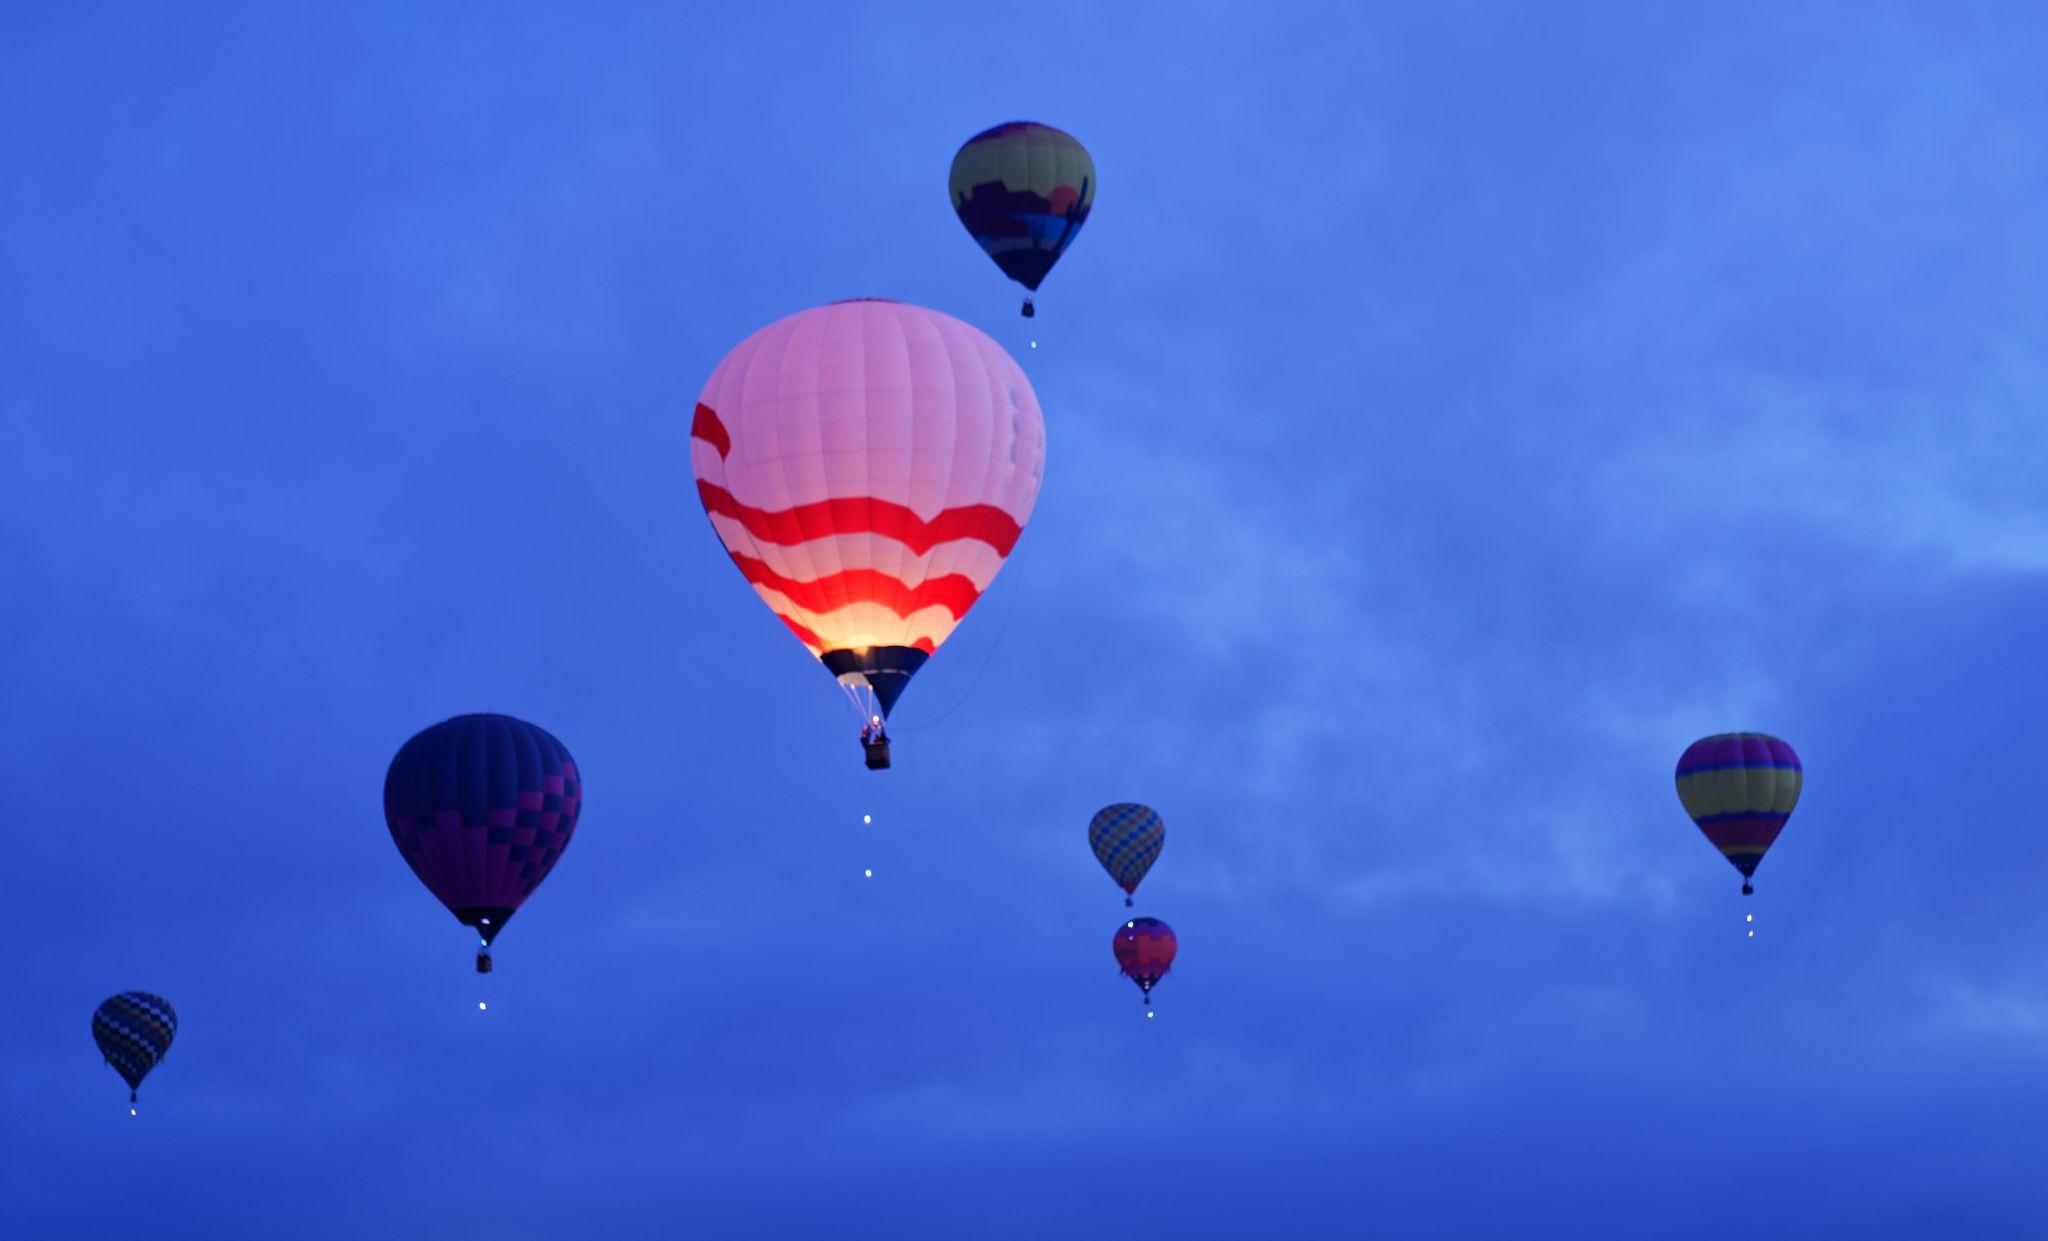 albuquerque nm Balloon Fiesta, USA